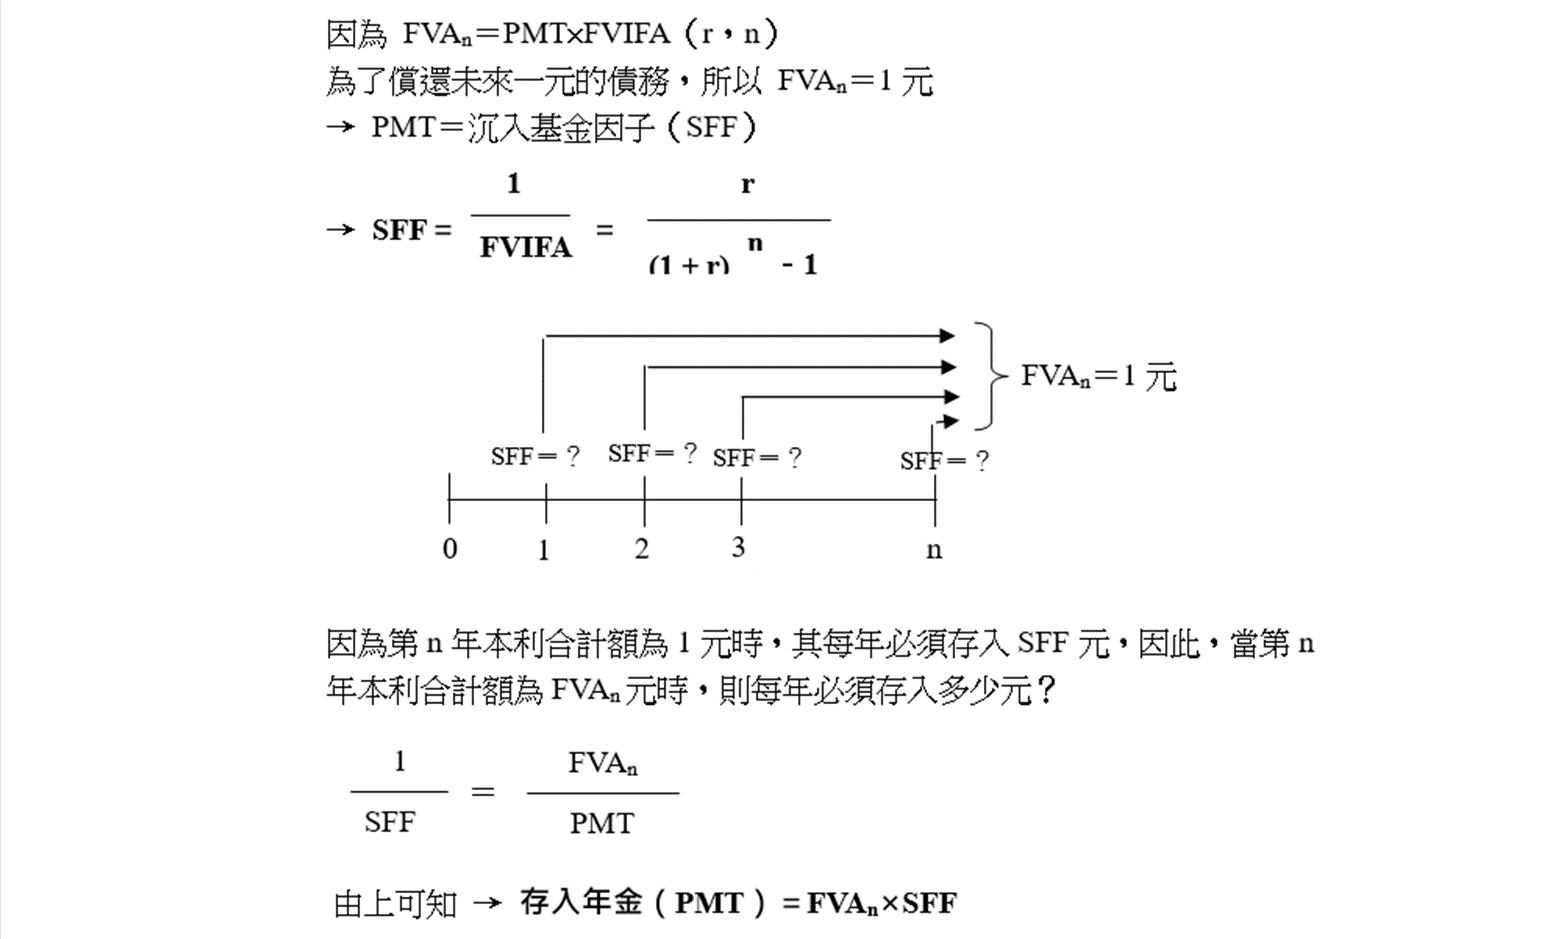 沉入基金因子公式